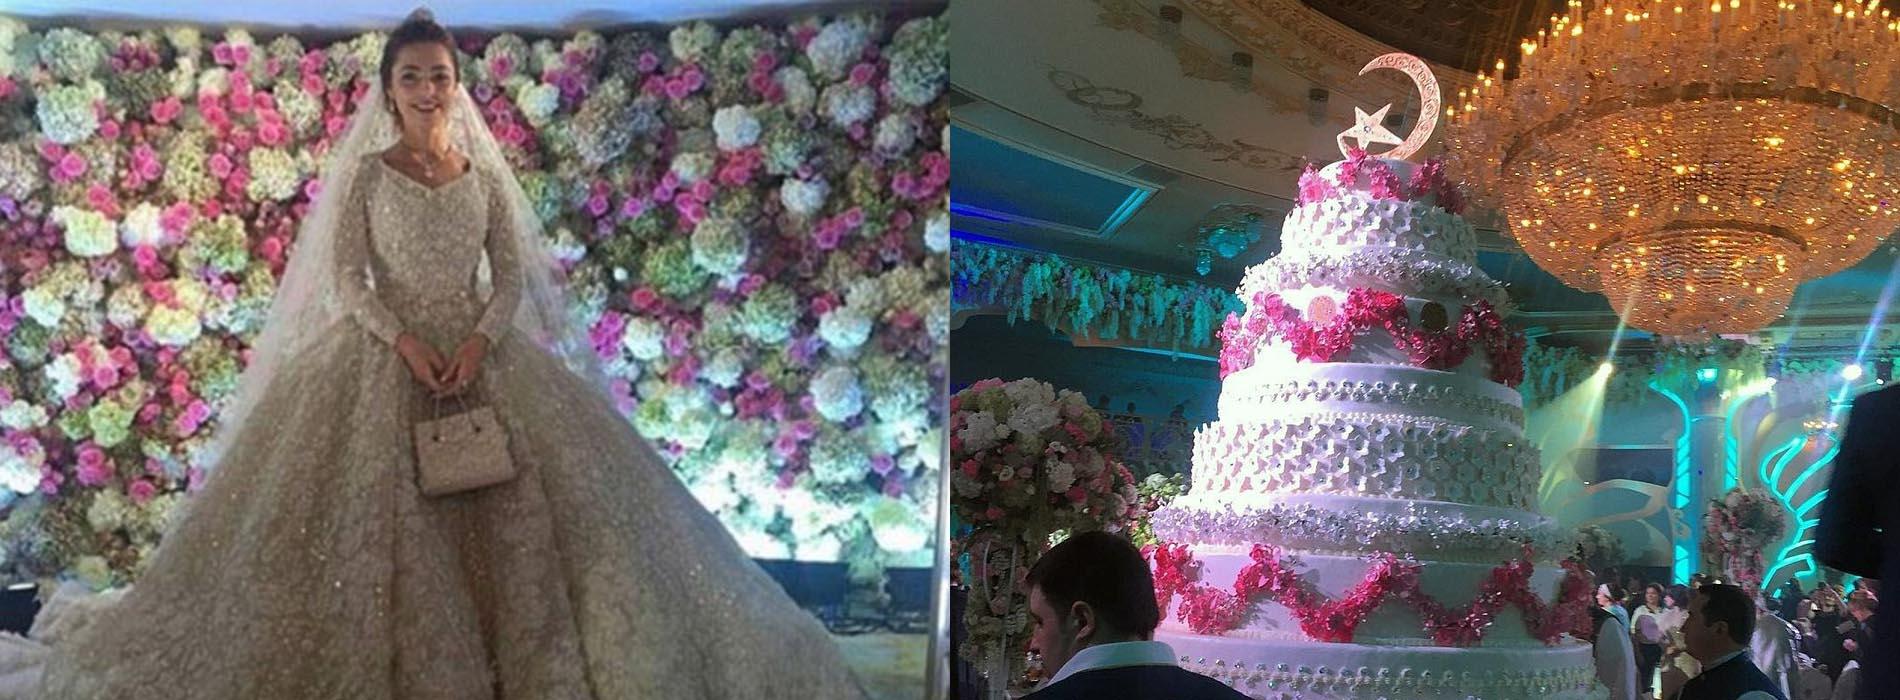 Diana ani korunní princ Abu Dhabi na ně nemají, tahle svatba stála 24 miliard!